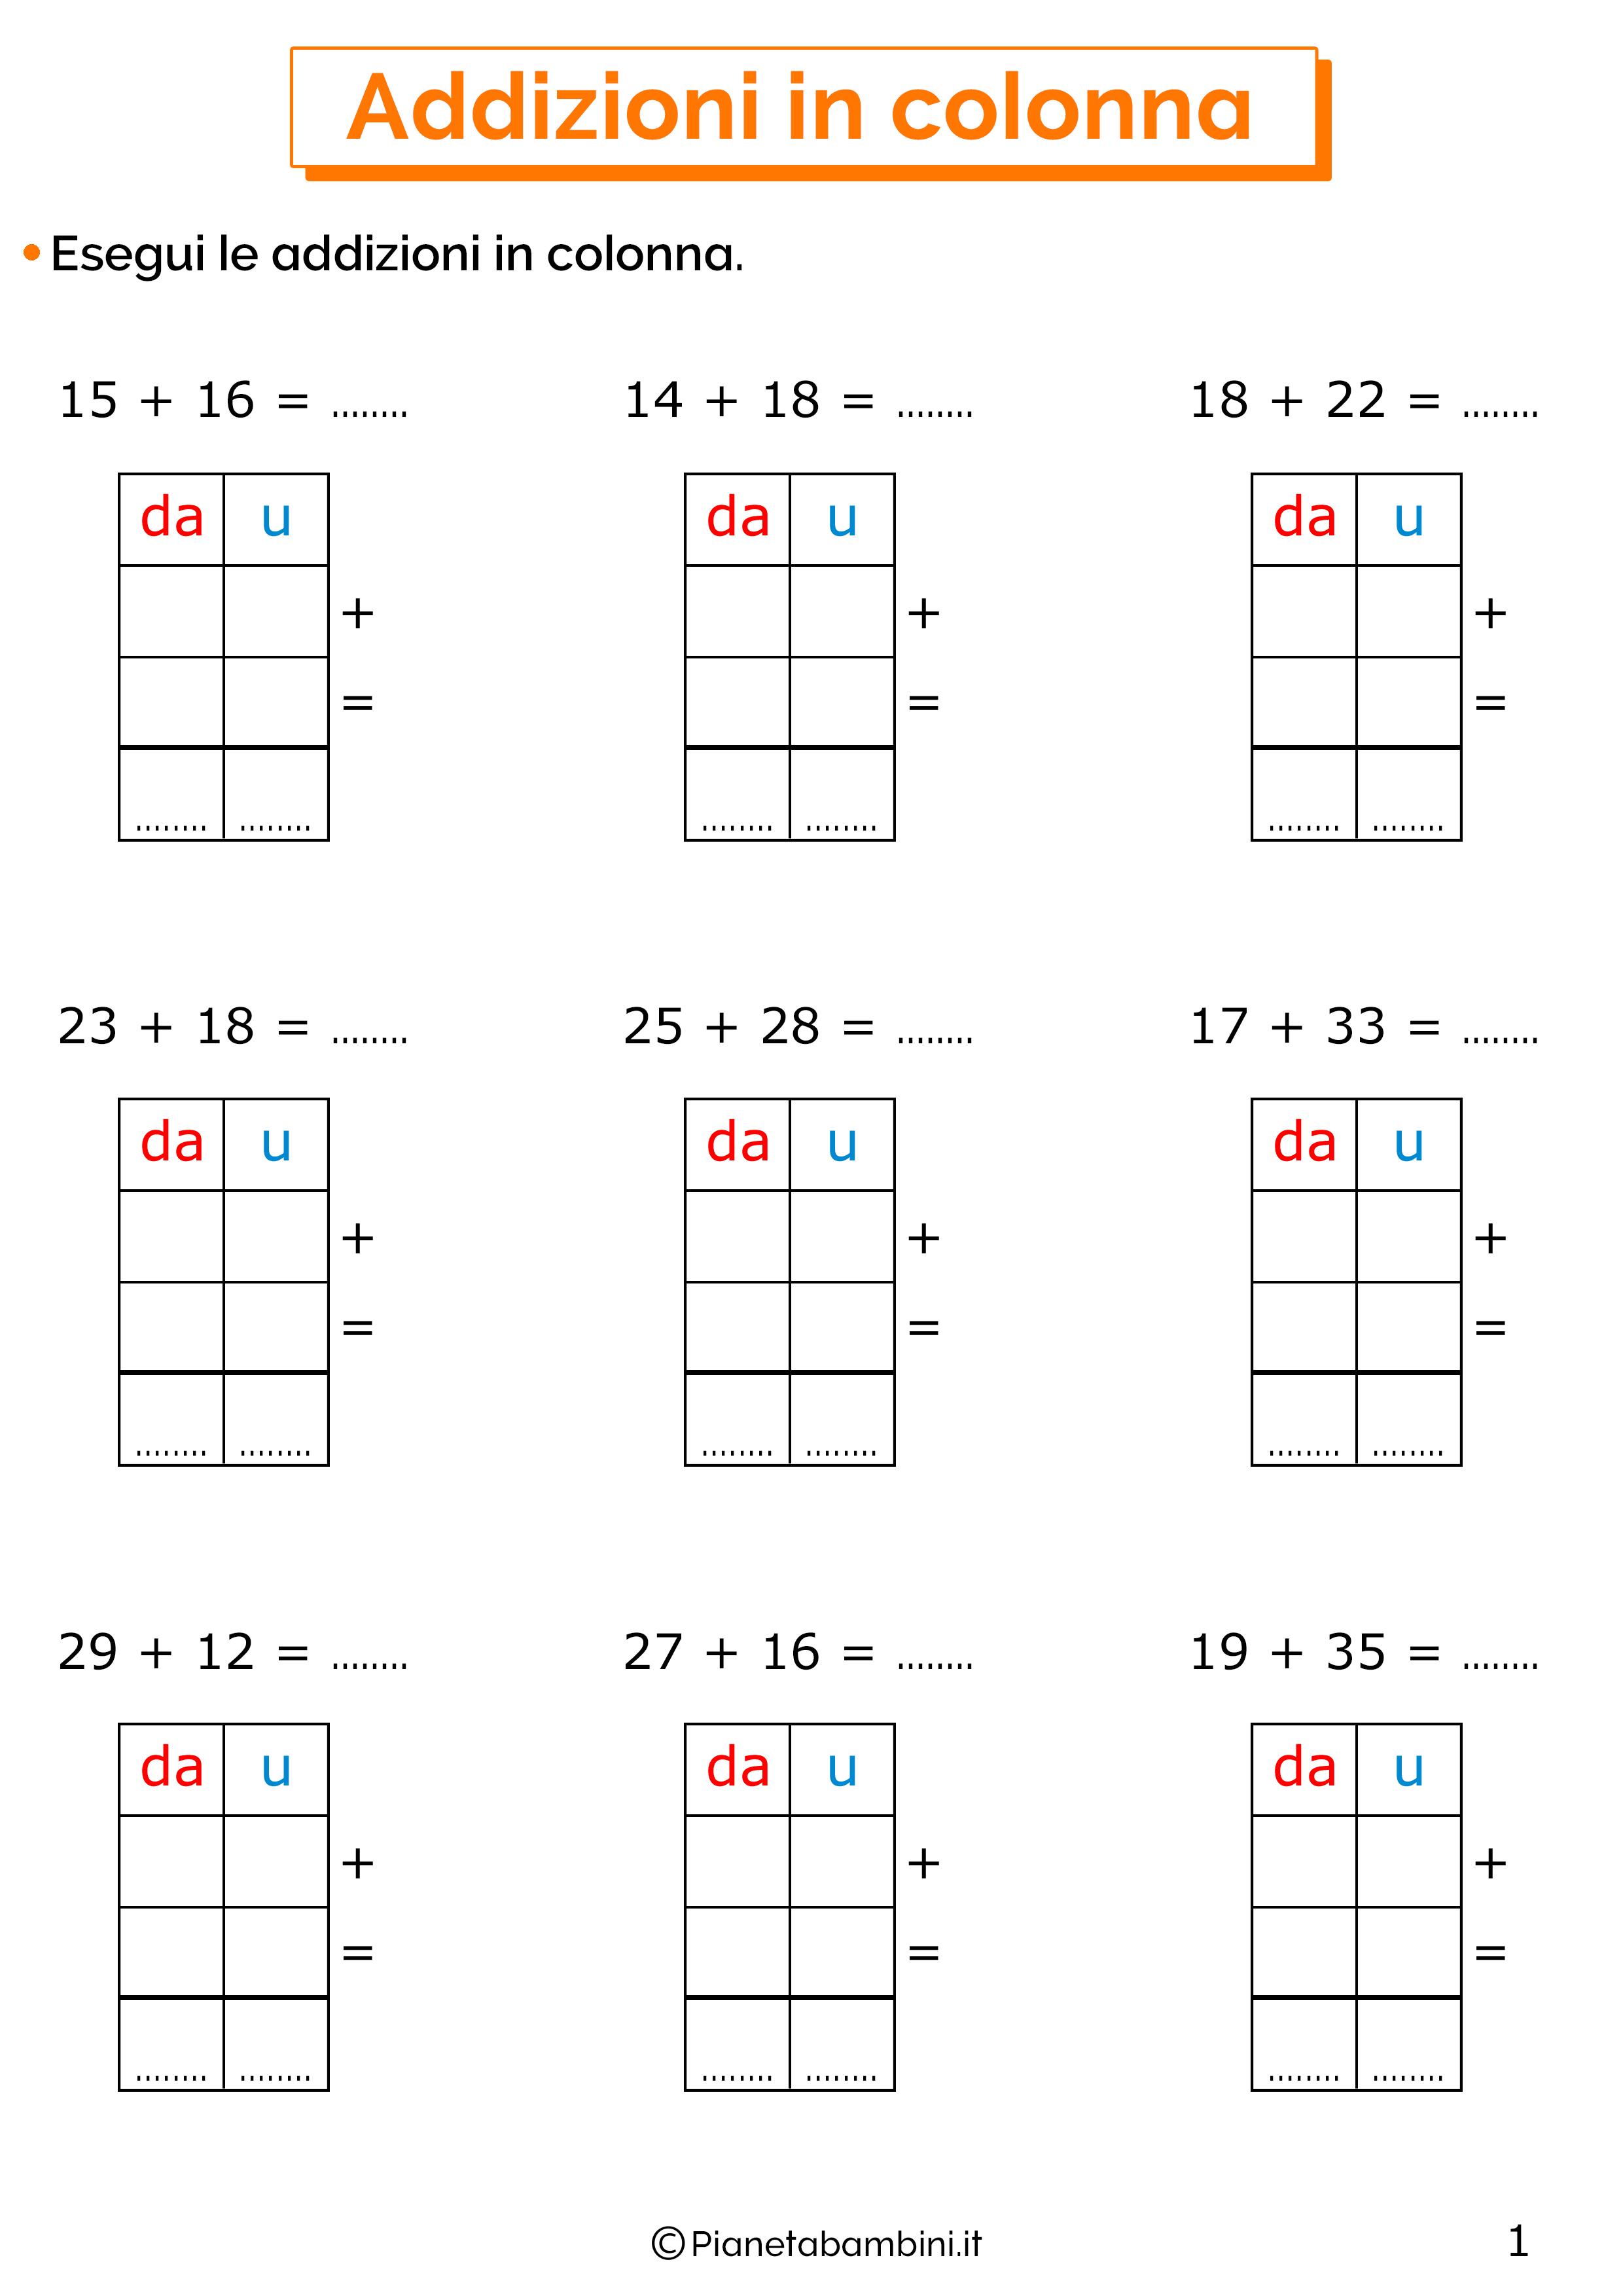 Esercizi sulle addizioni in colonna con il cambio 1